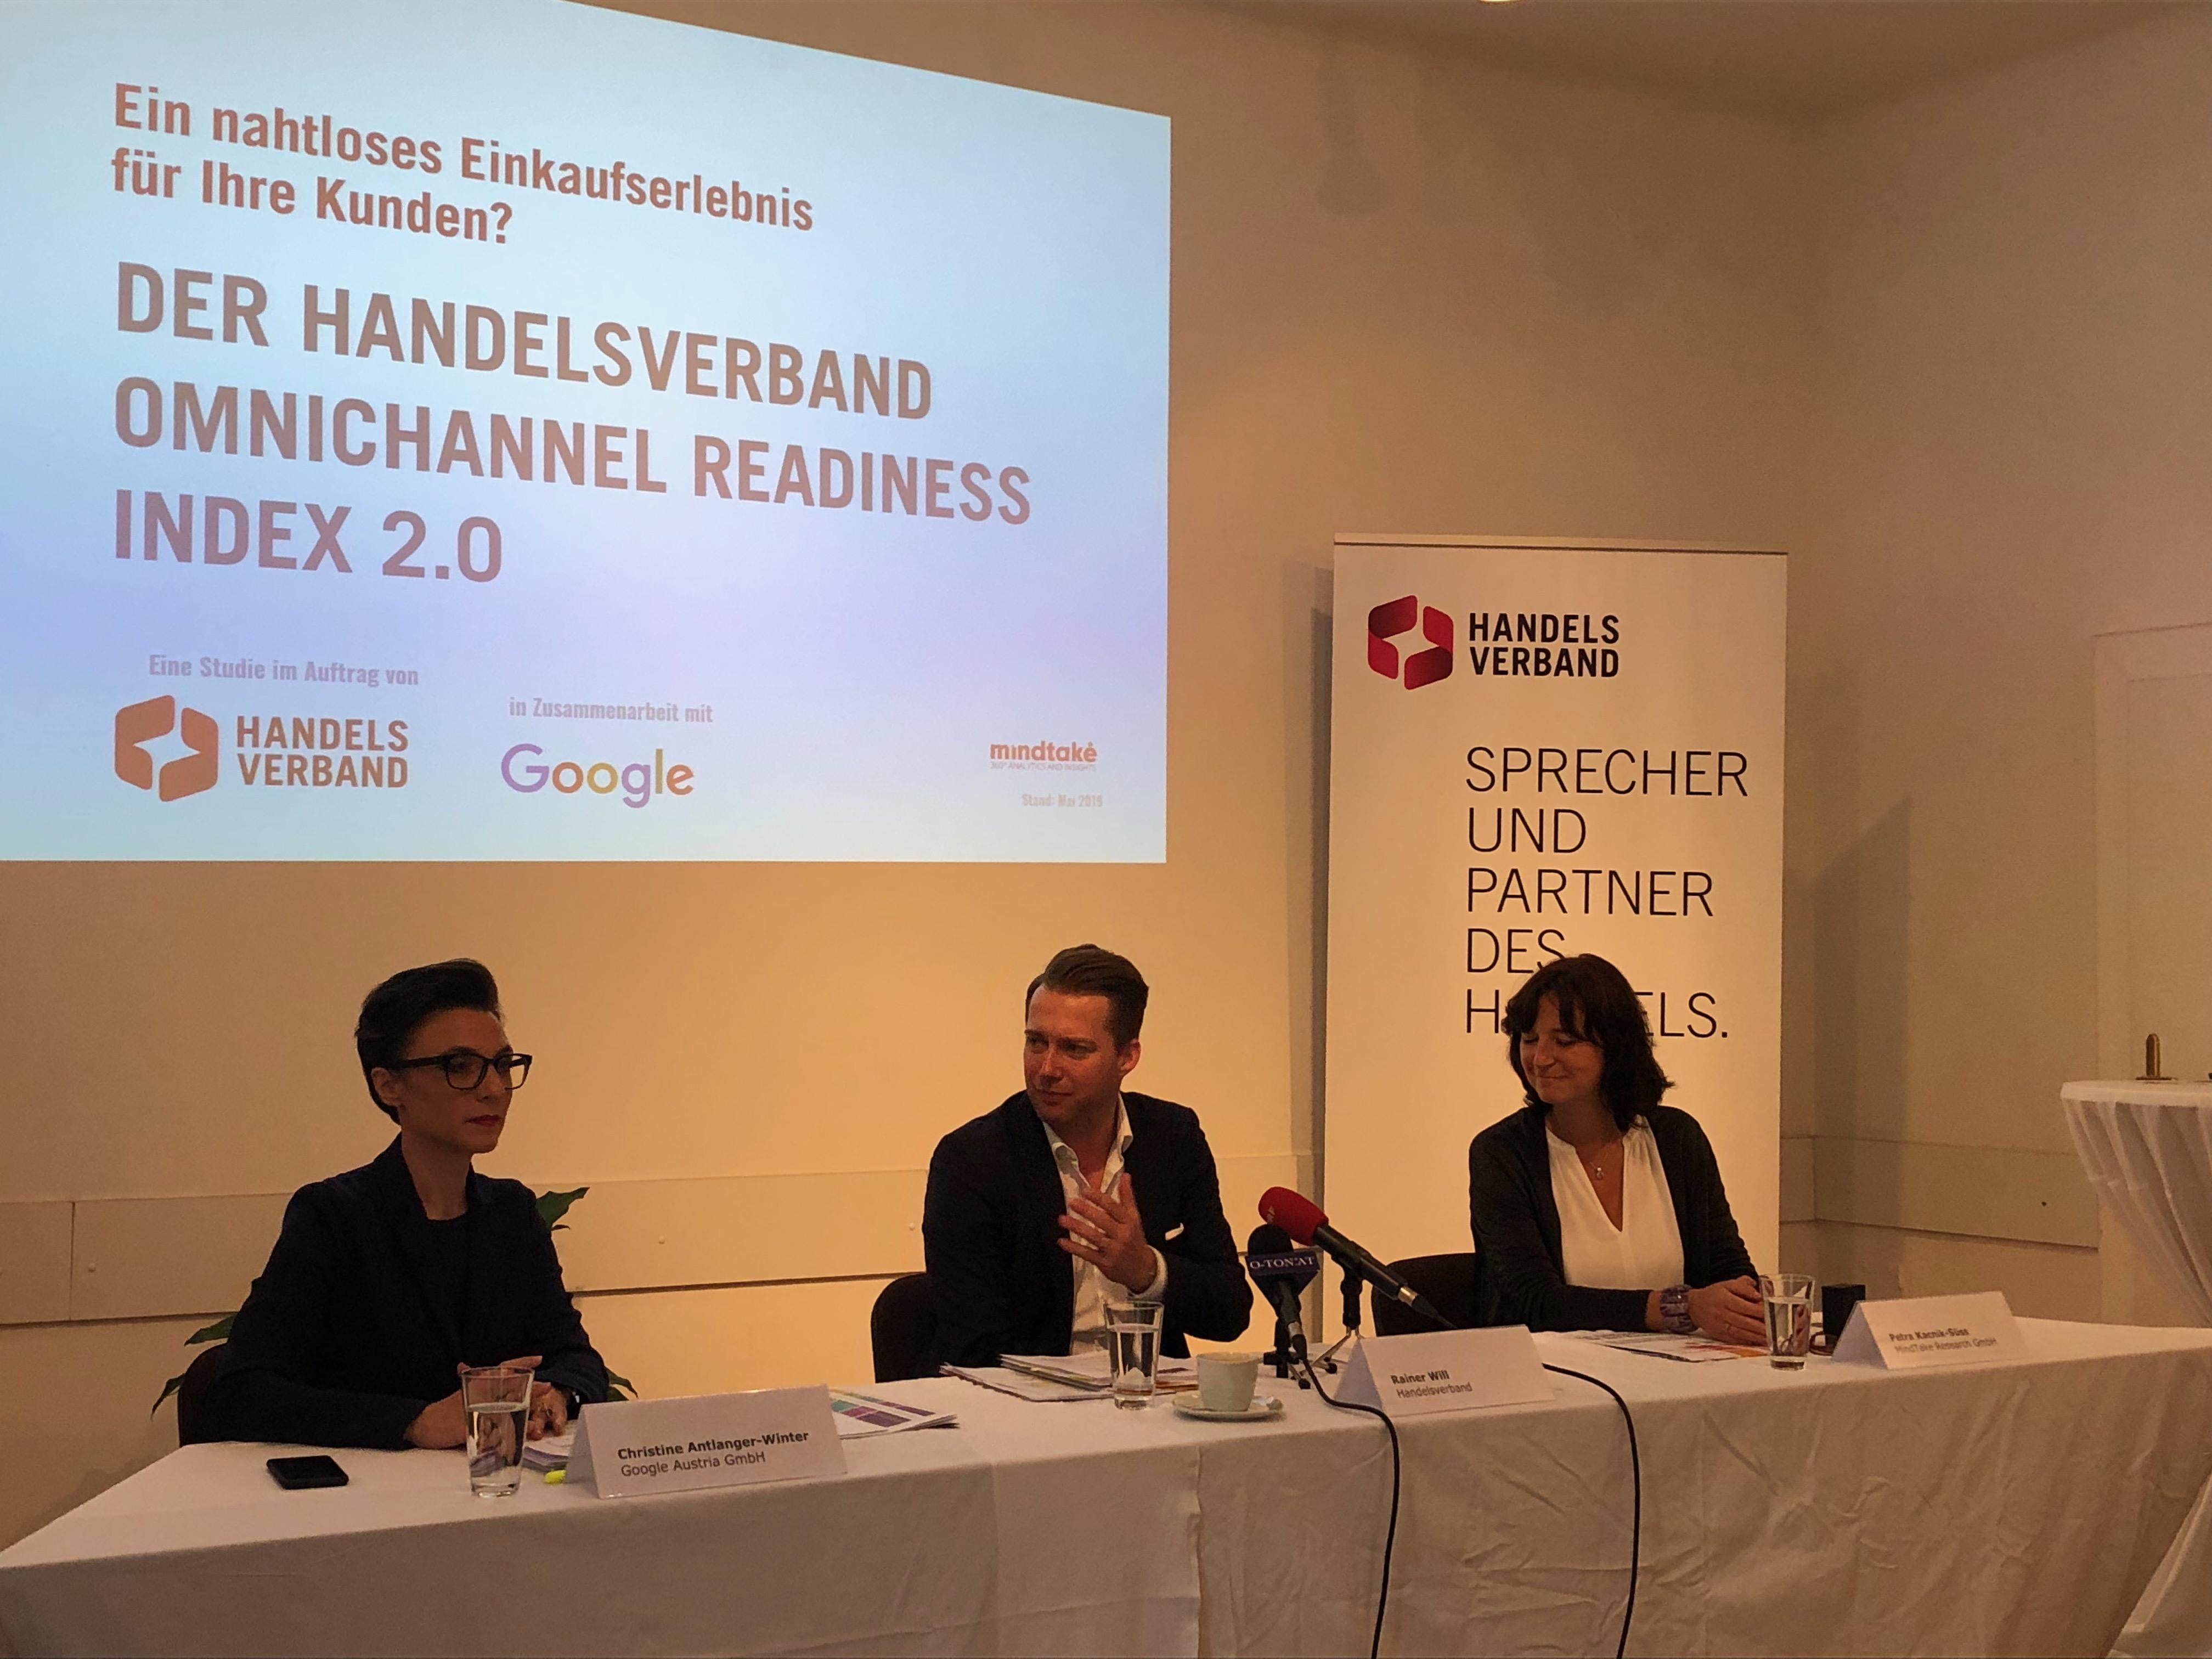 Handelsverband Omnichannel Readiness Index 2.0 (ORI): Esprit & Gigasport an der Spitze. LEH und Fashion steigen auf